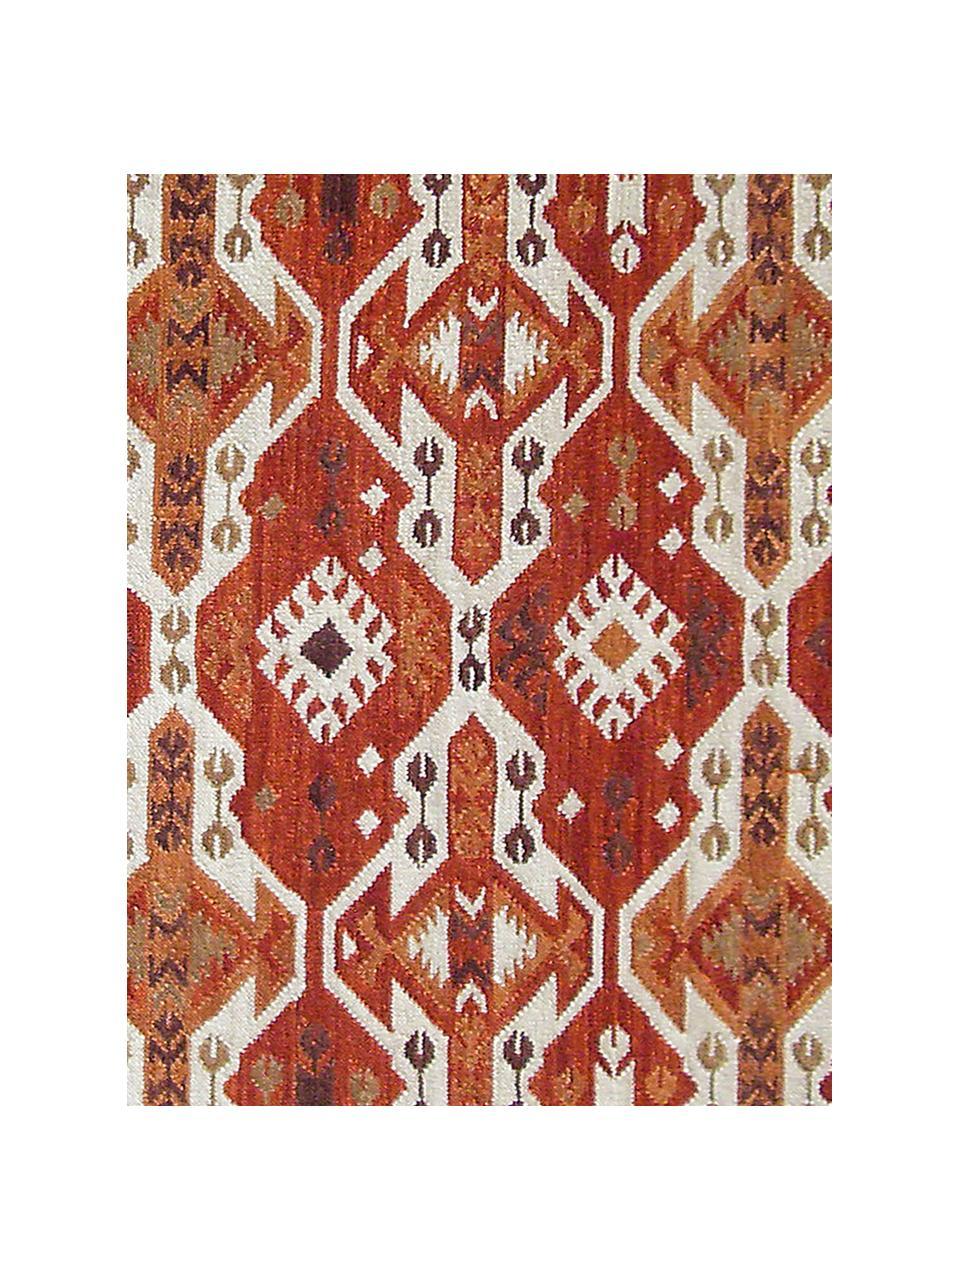 Ręcznie tkany dywan kilim z wełny Ria, 100% wełna Włókna dywanów wełnianych mogą nieznacznie rozluźniać się w pierwszych tygodniach użytkowania, co ustępuje po pewnym czasie, Czerwony, beżowy, pomarańczowy, brązowy, S 155 x D 240 cm (Rozmiar M)